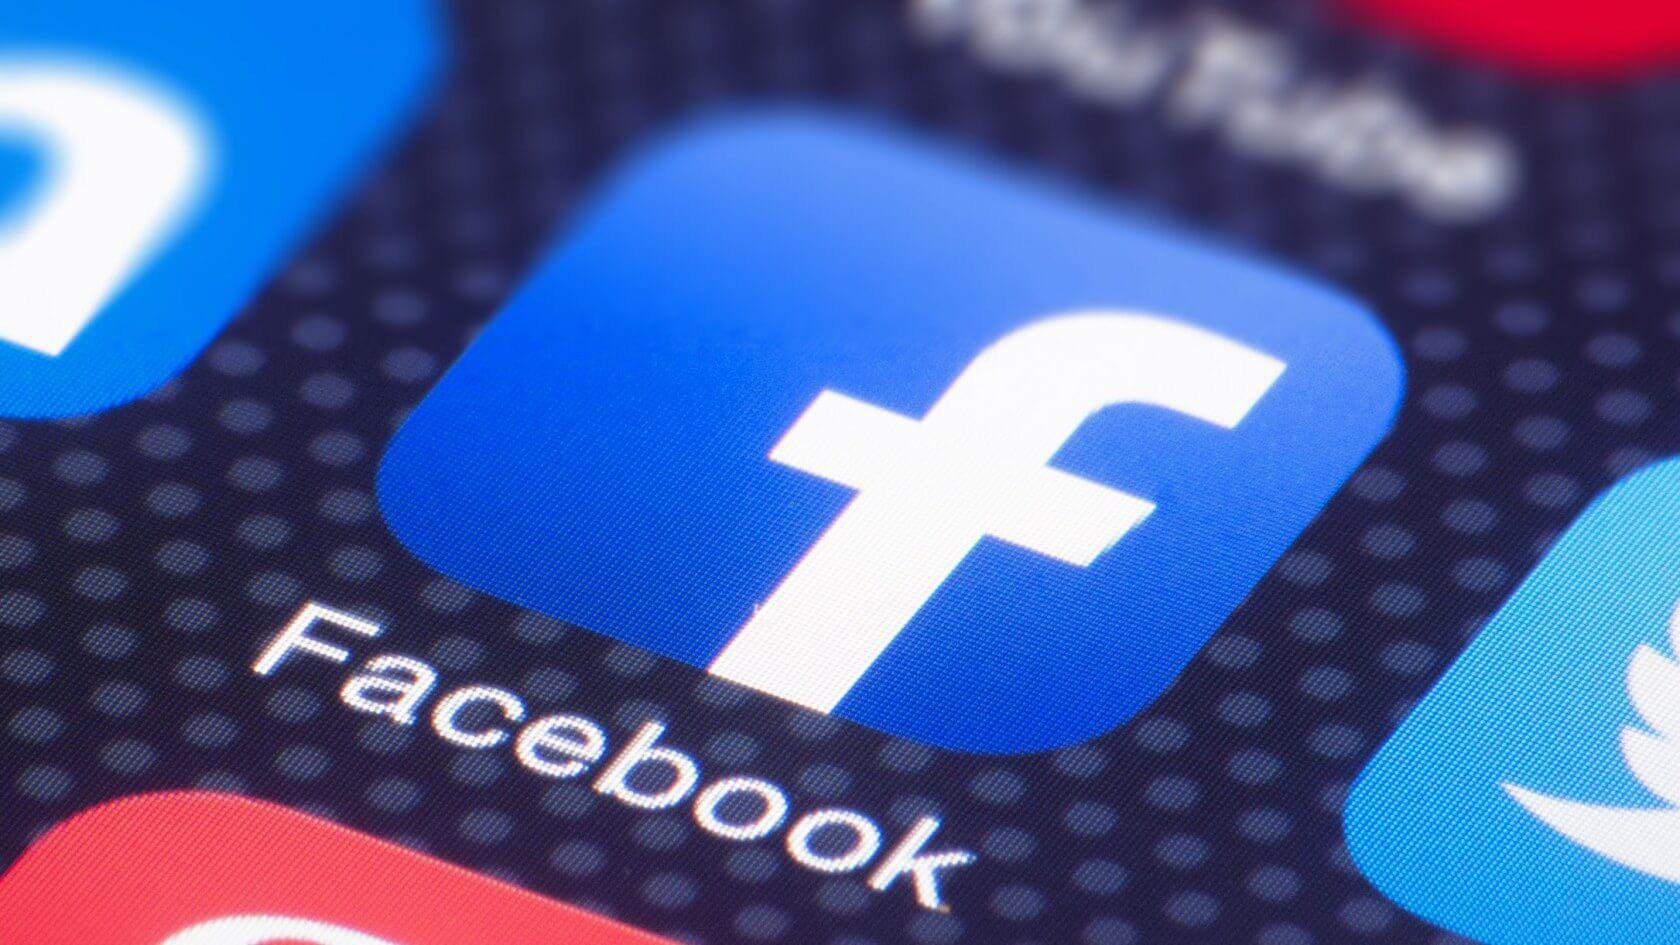 Ung-dung-Facebook-sap-tich-hop-dich-vu-thanh-toan-1